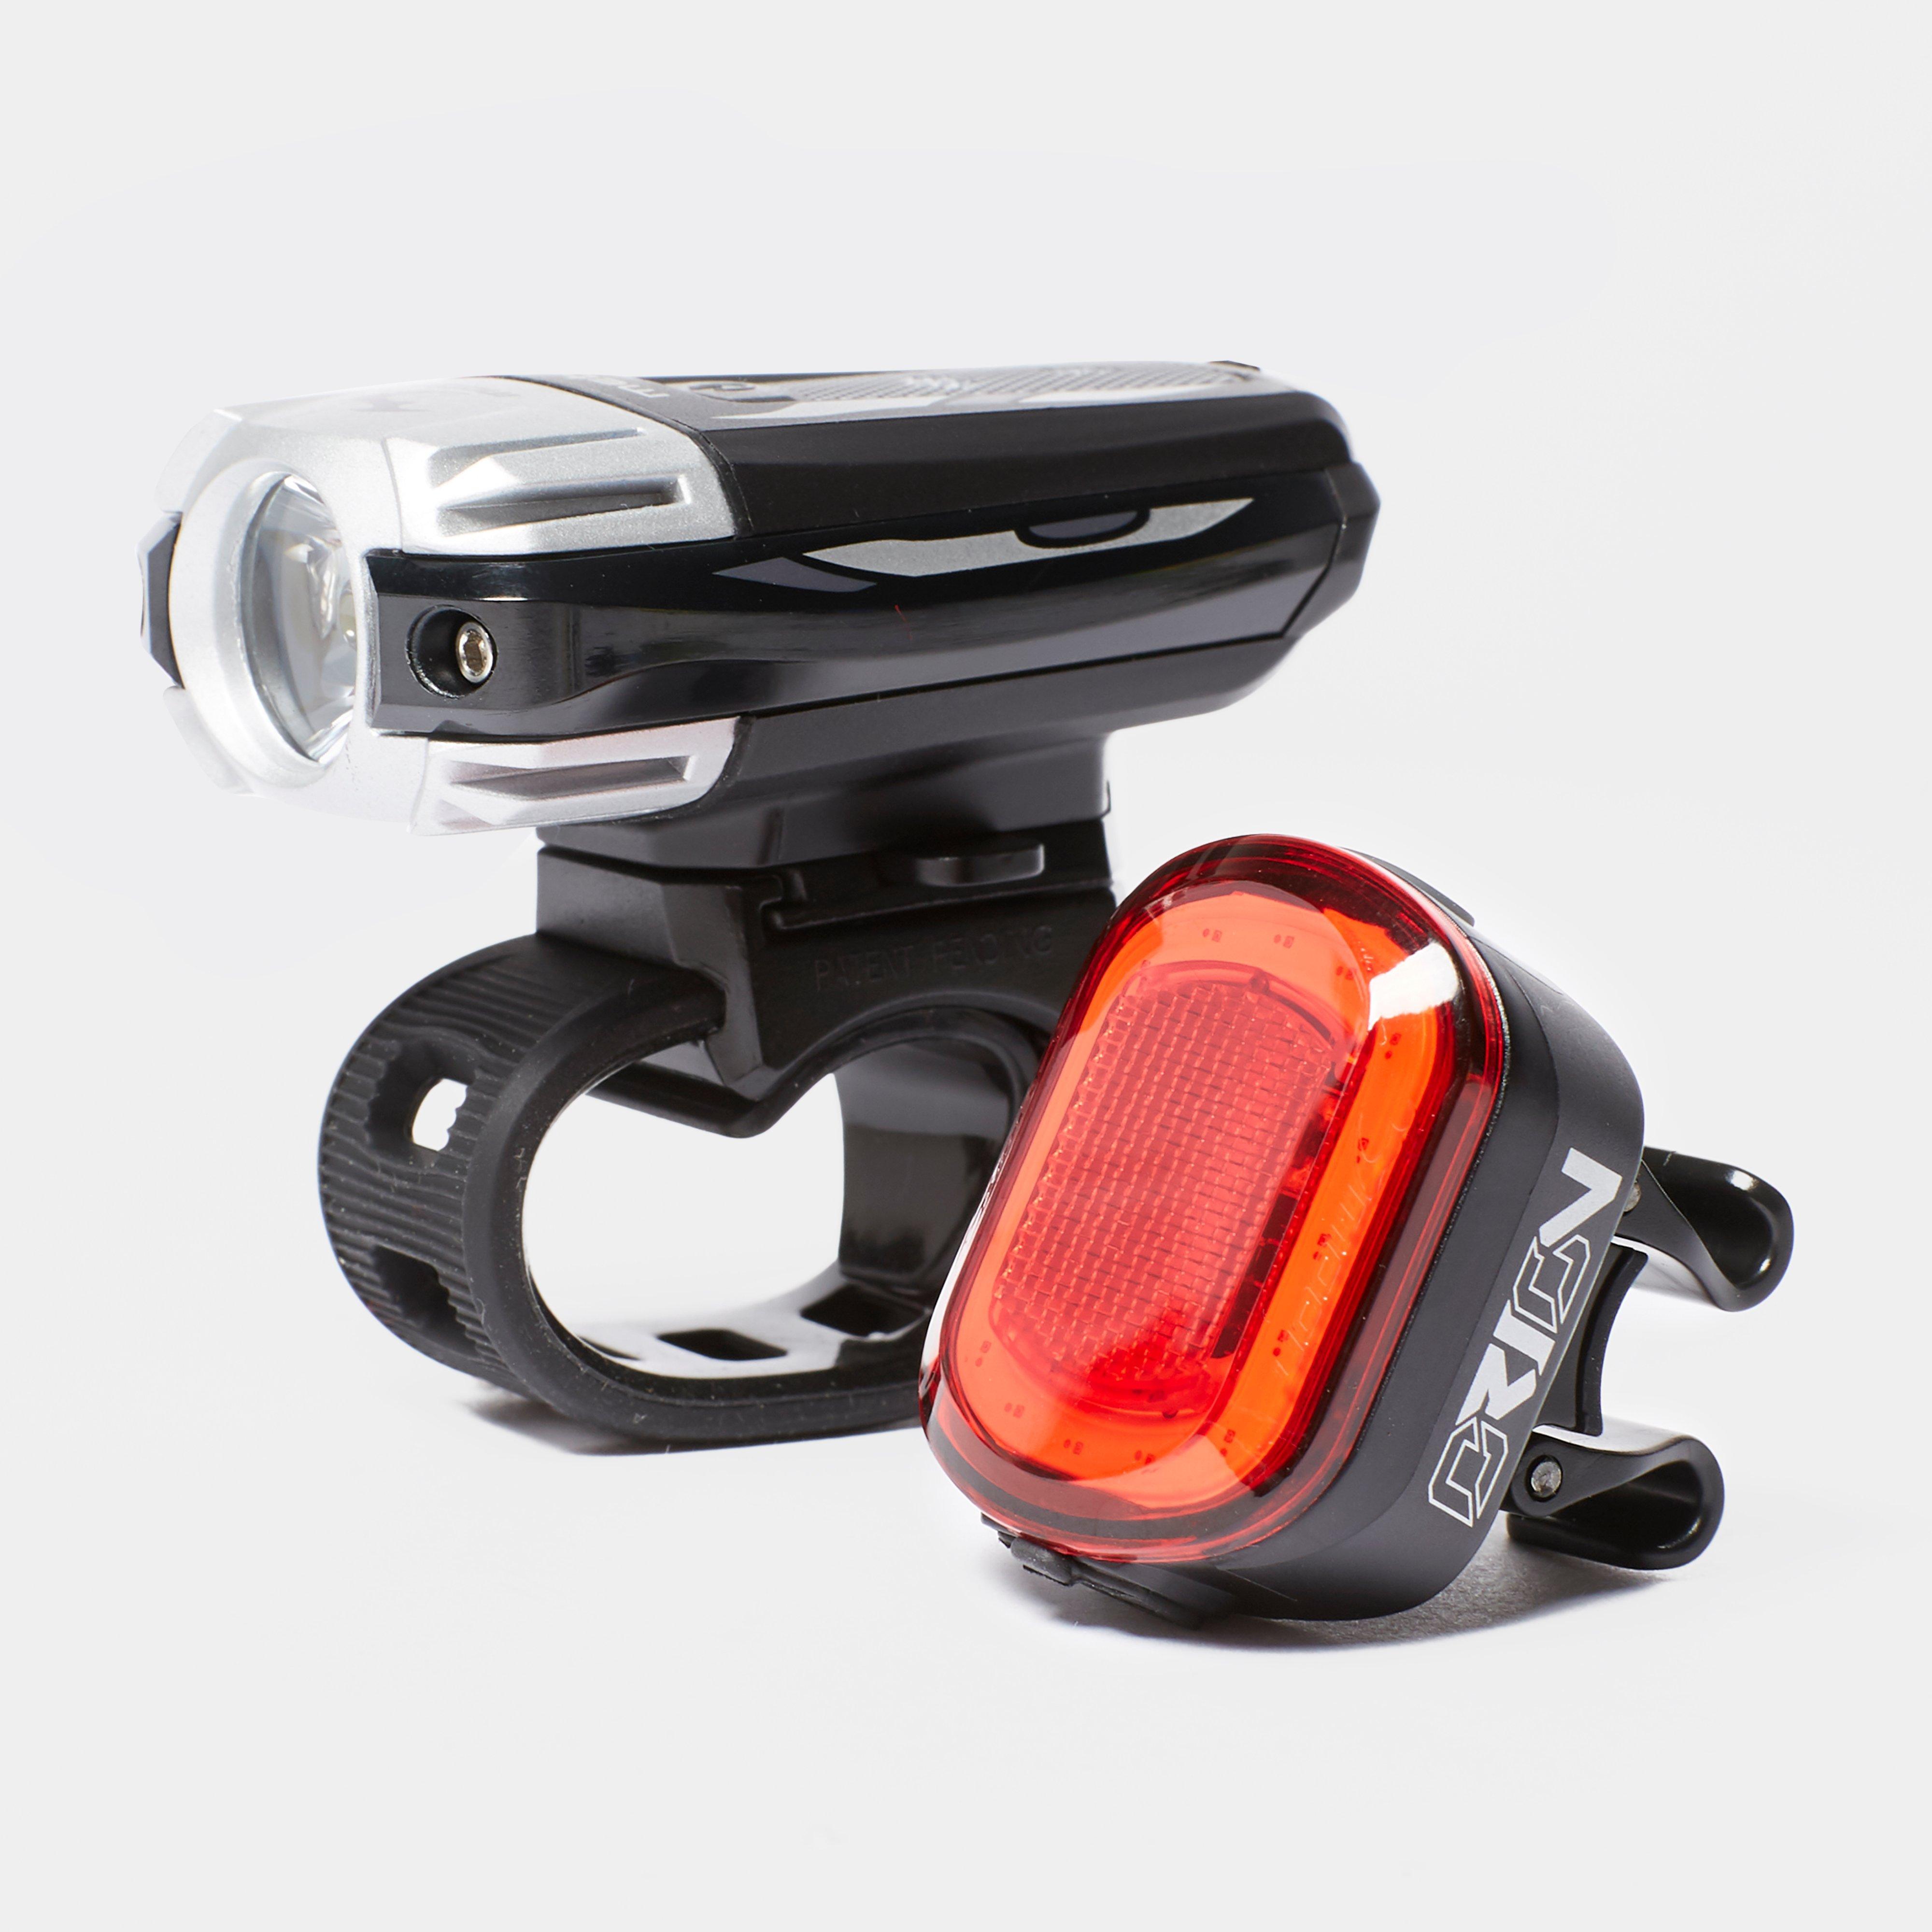 Moonlights Meteor C1 & Orion Bike Light Set - Black/Black, Black